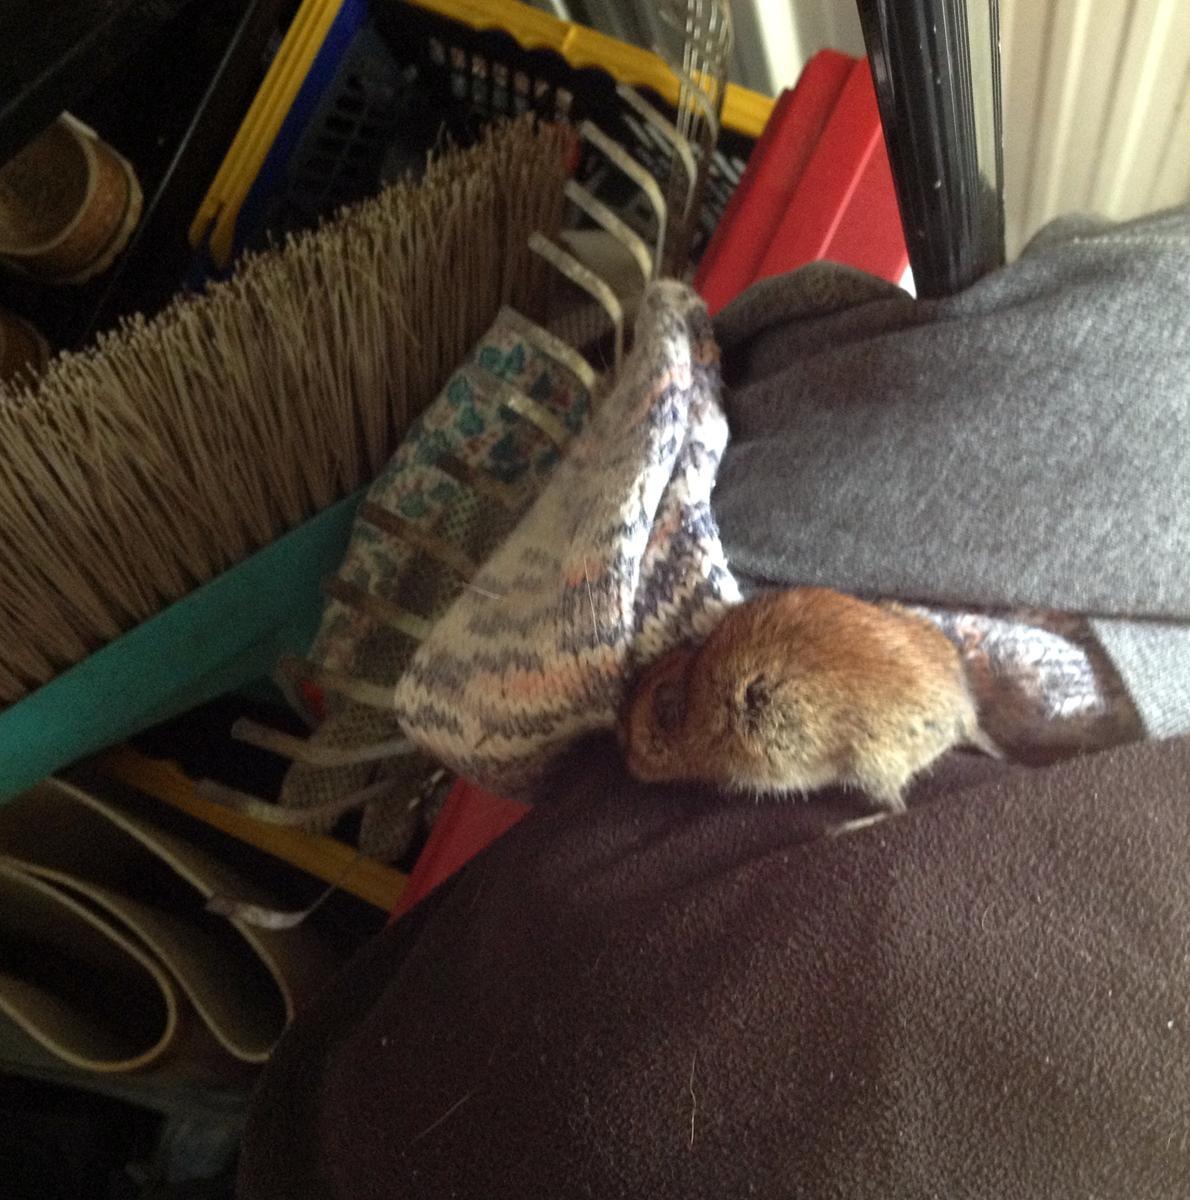 Mäuse im Haus  Oscarlotta on tour